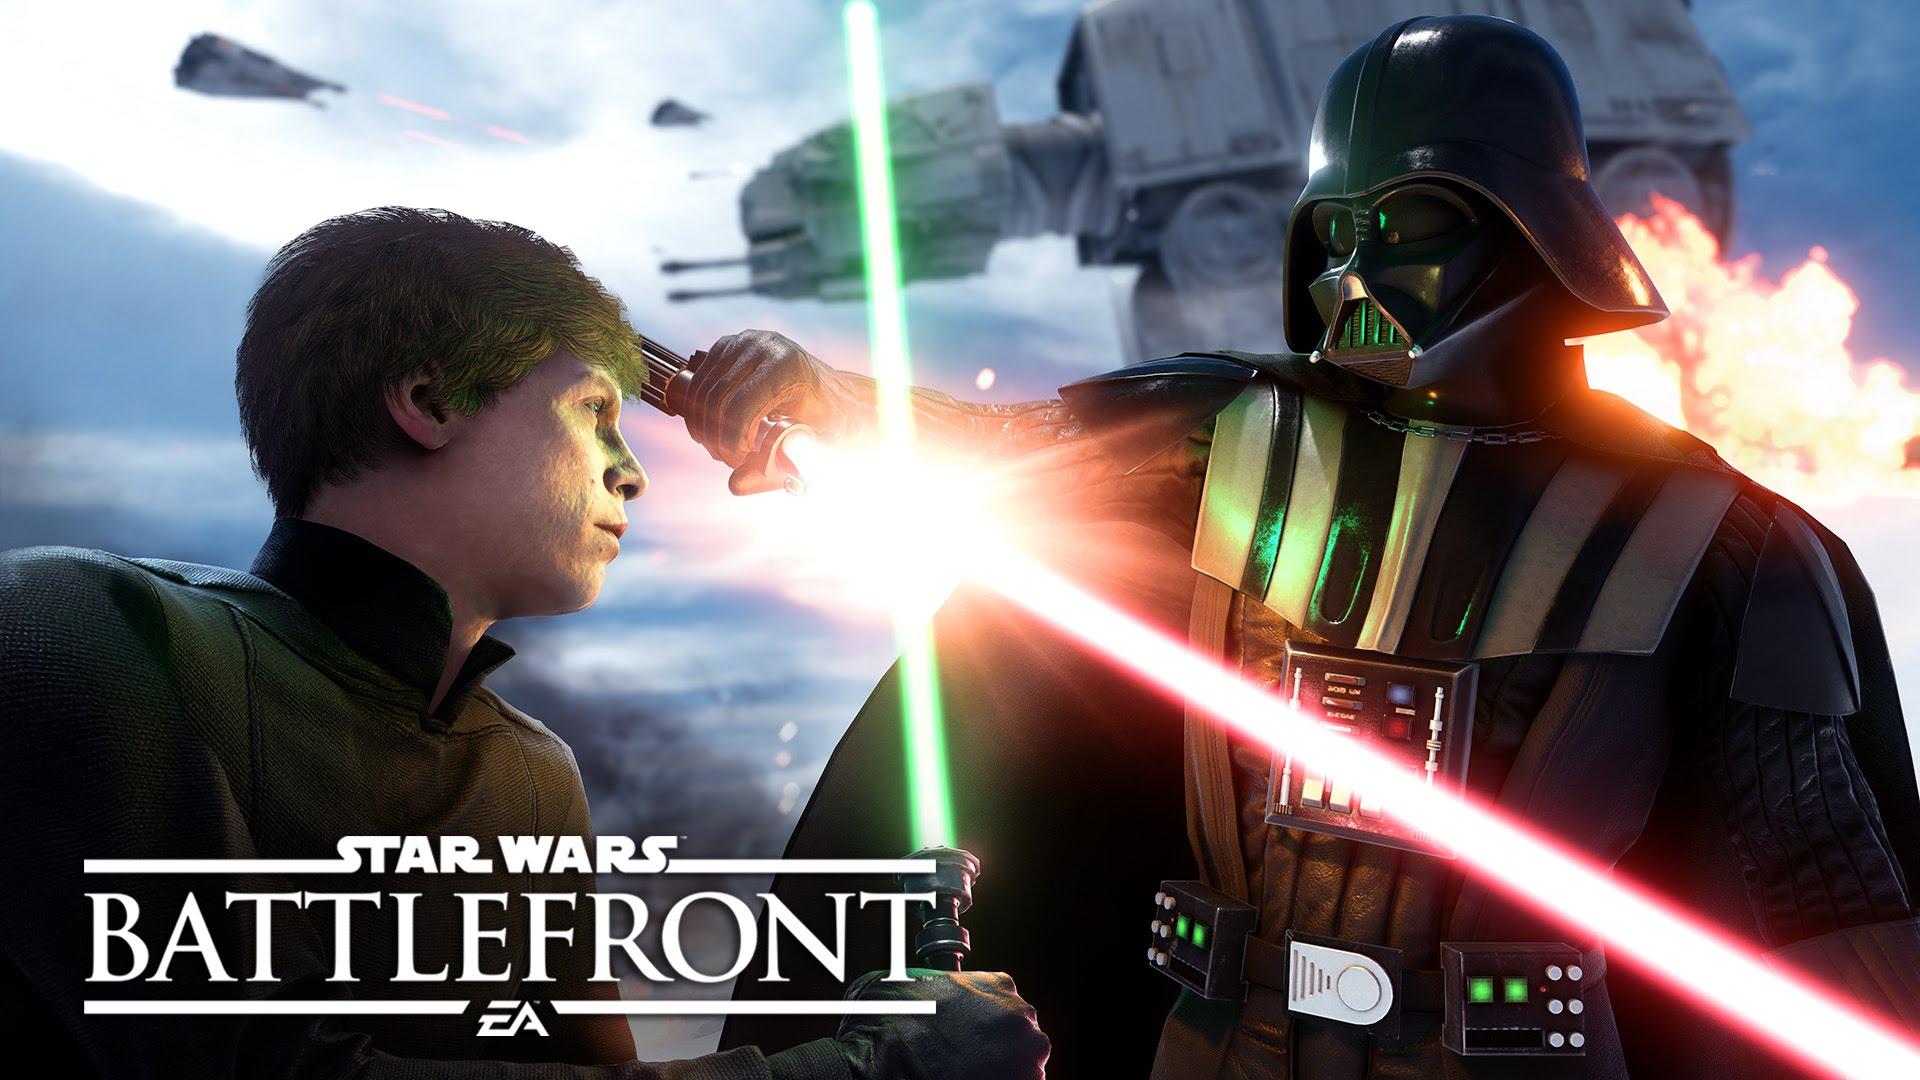 Star wars battlefront : E2 2015